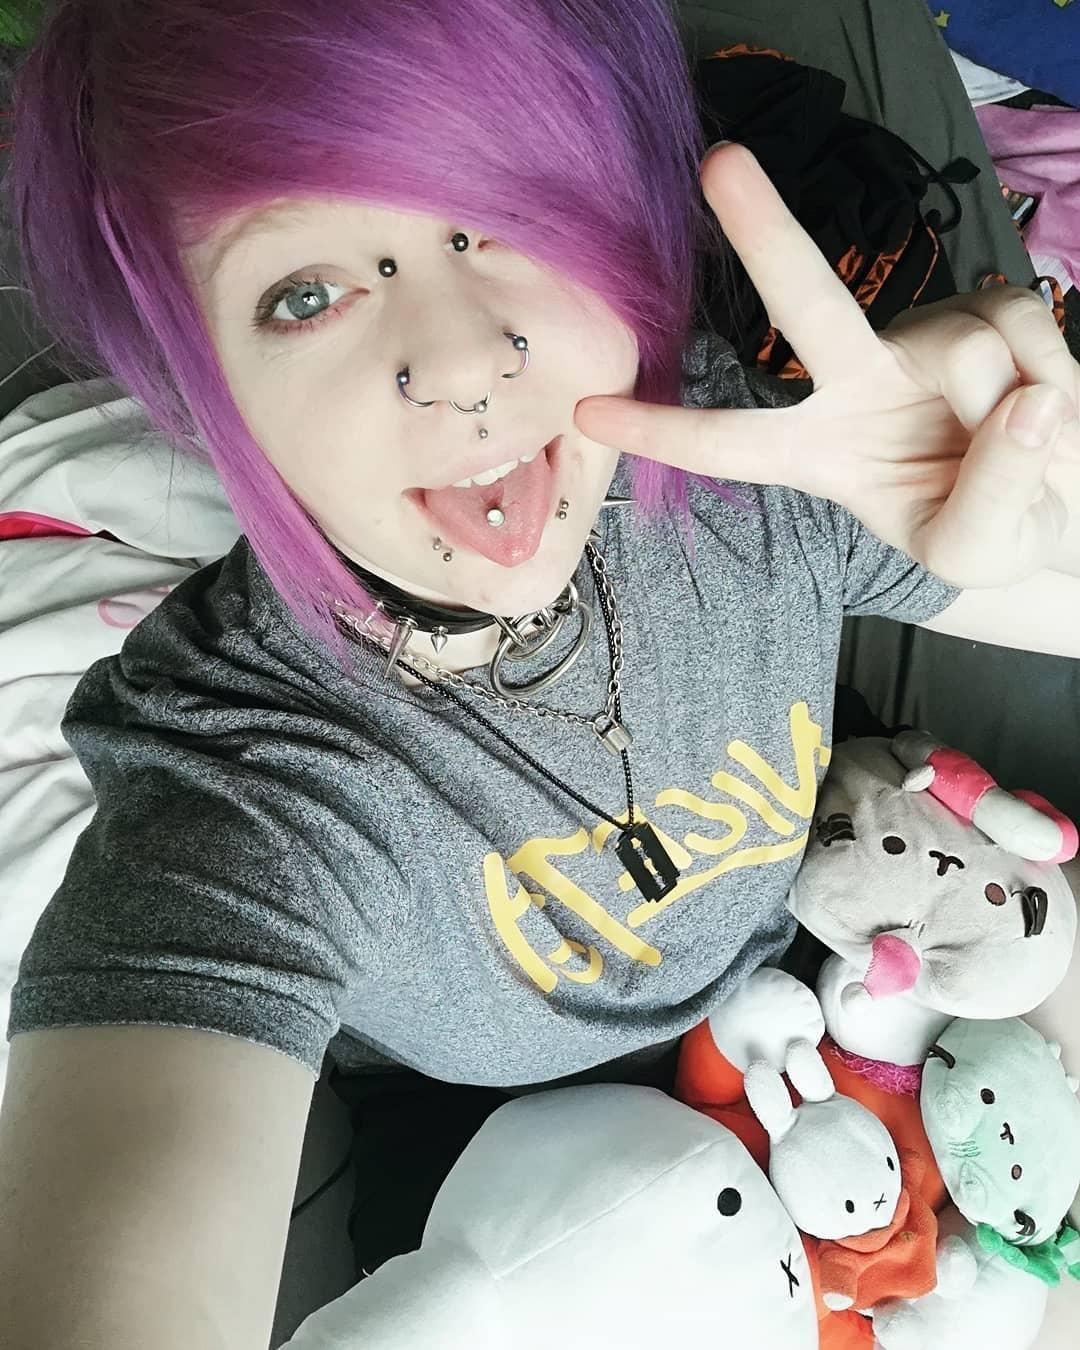 Wieder ein Headshot-Haarfarben-Mischer, die liebe @kaleiidoscopiic mischte #psychopurple mit #hellfirered und gab etwas Spülung dazu! 💜 #headshothaarfarbe #headshothairdye #headshothaircolor #dyebastarddye #buntehaare #purplehair #redhair #lilahare #emohair #piercedgirl #tonguepiercing